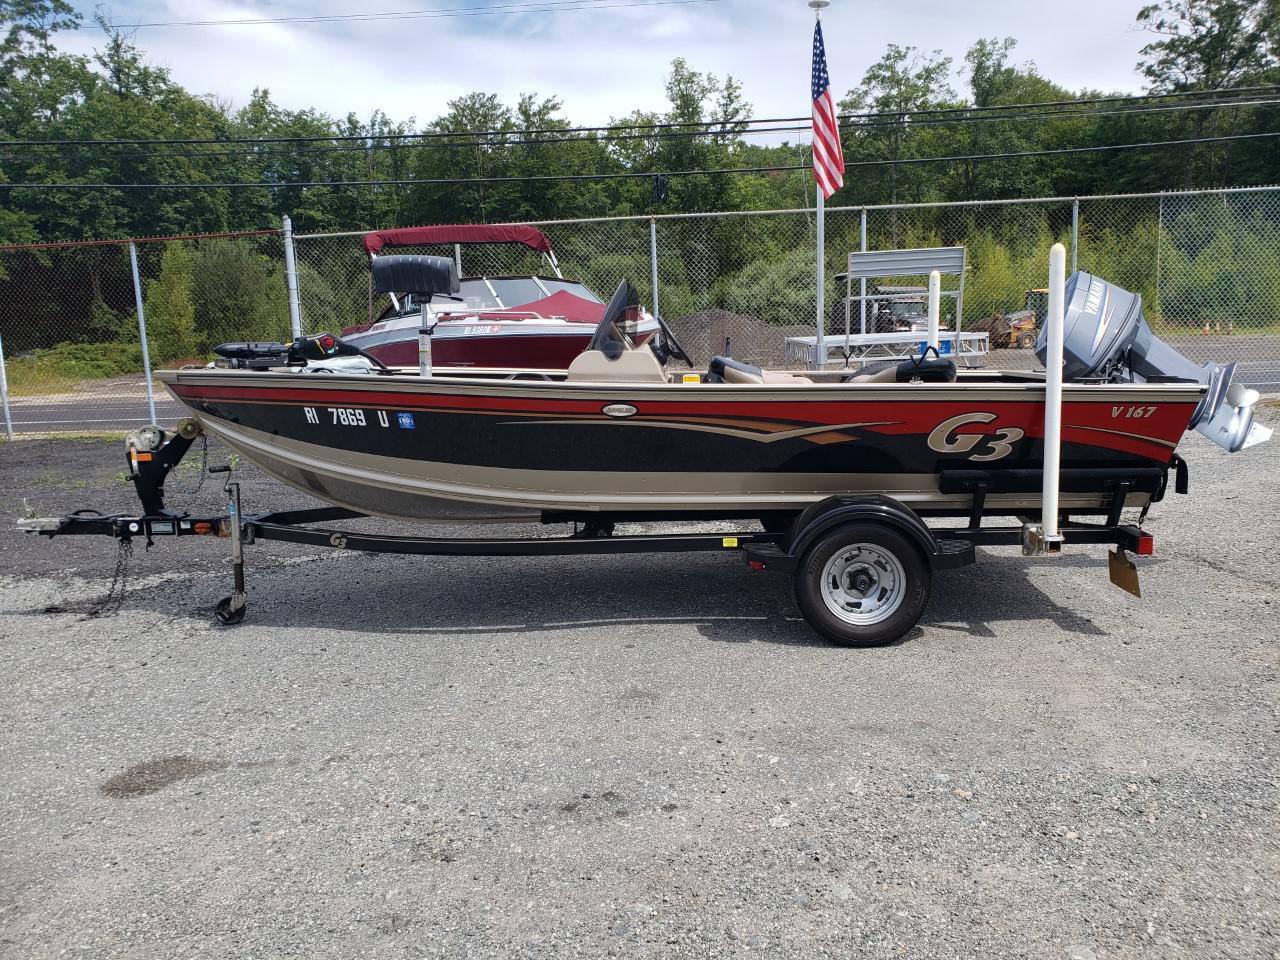 Inventory Inland Marine Inc  Chepachet, RI (401) 568-0995